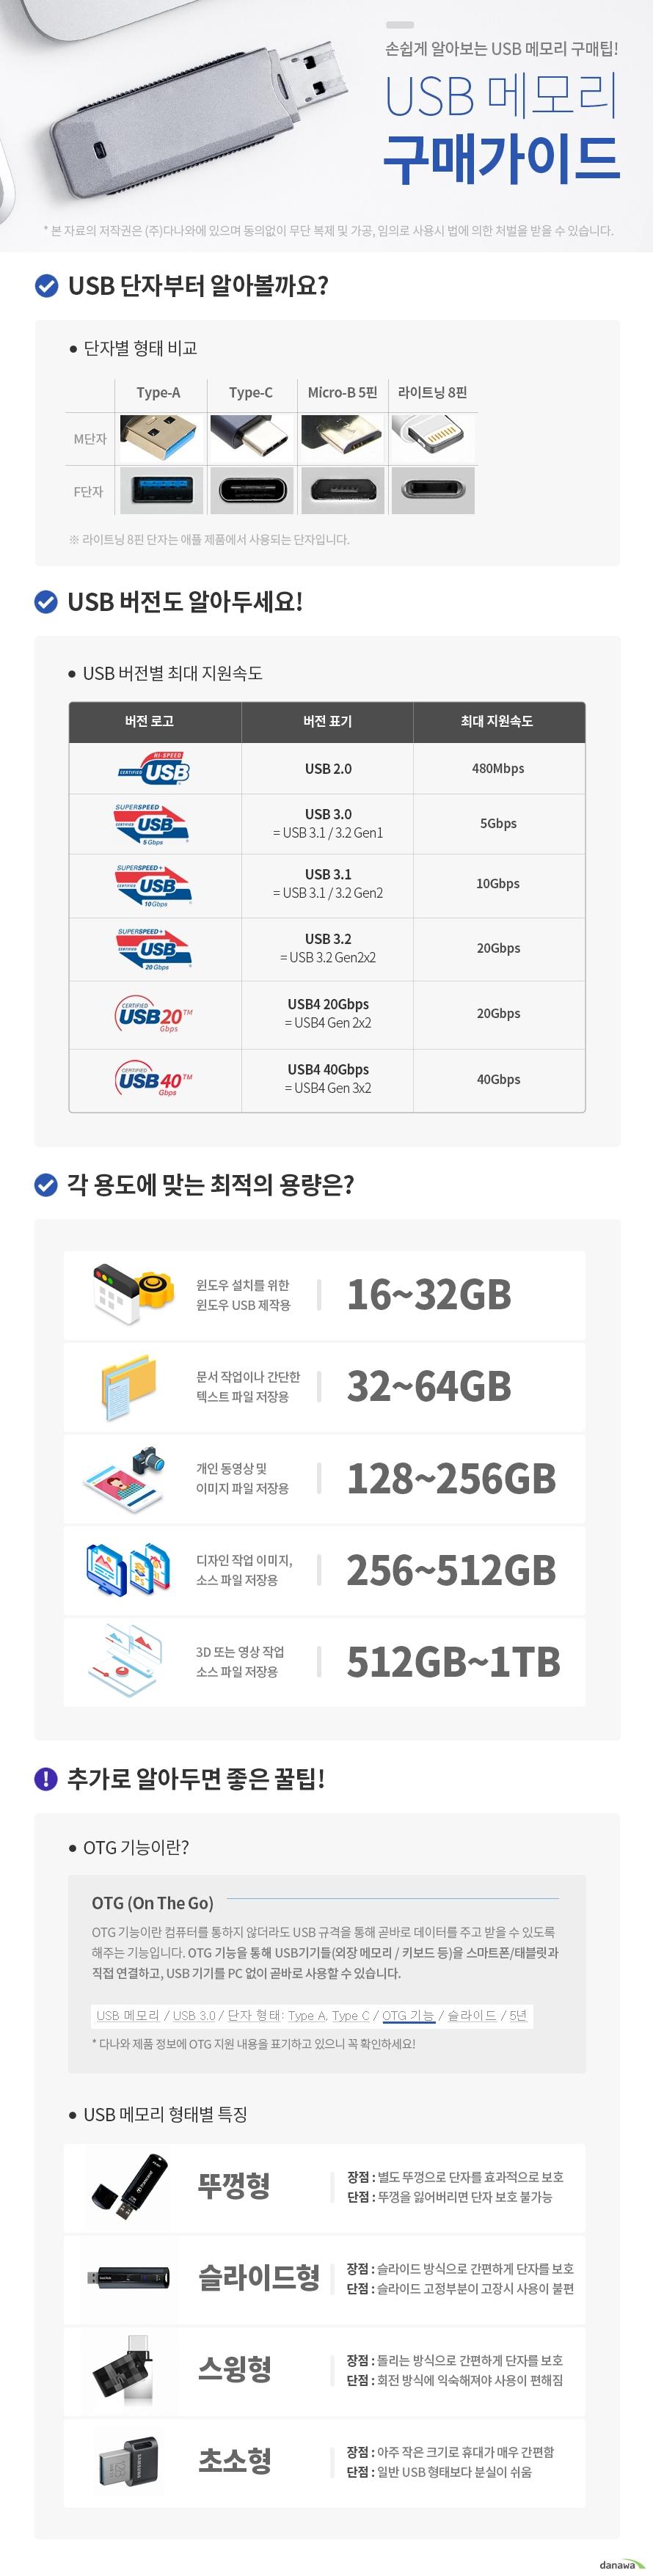 이메이션 GLIDE (64GB)